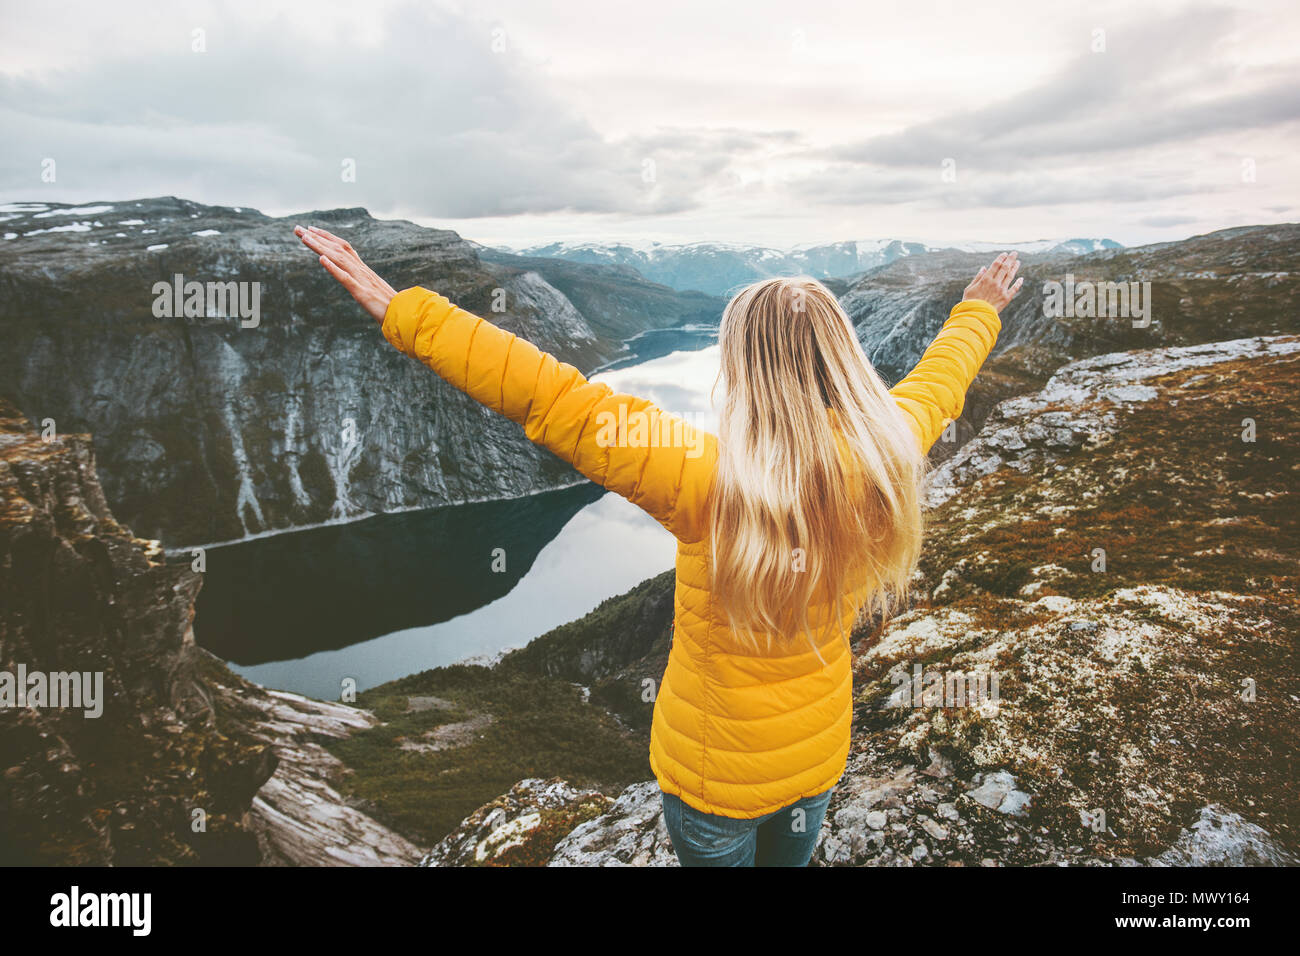 Viaje en montaña mujer viajando feliz manos alzadas disfrutando del paisaje en el estilo de vida de aventura viaje éxito vacaciones en armonía con la naturaleza de las emociones Imagen De Stock